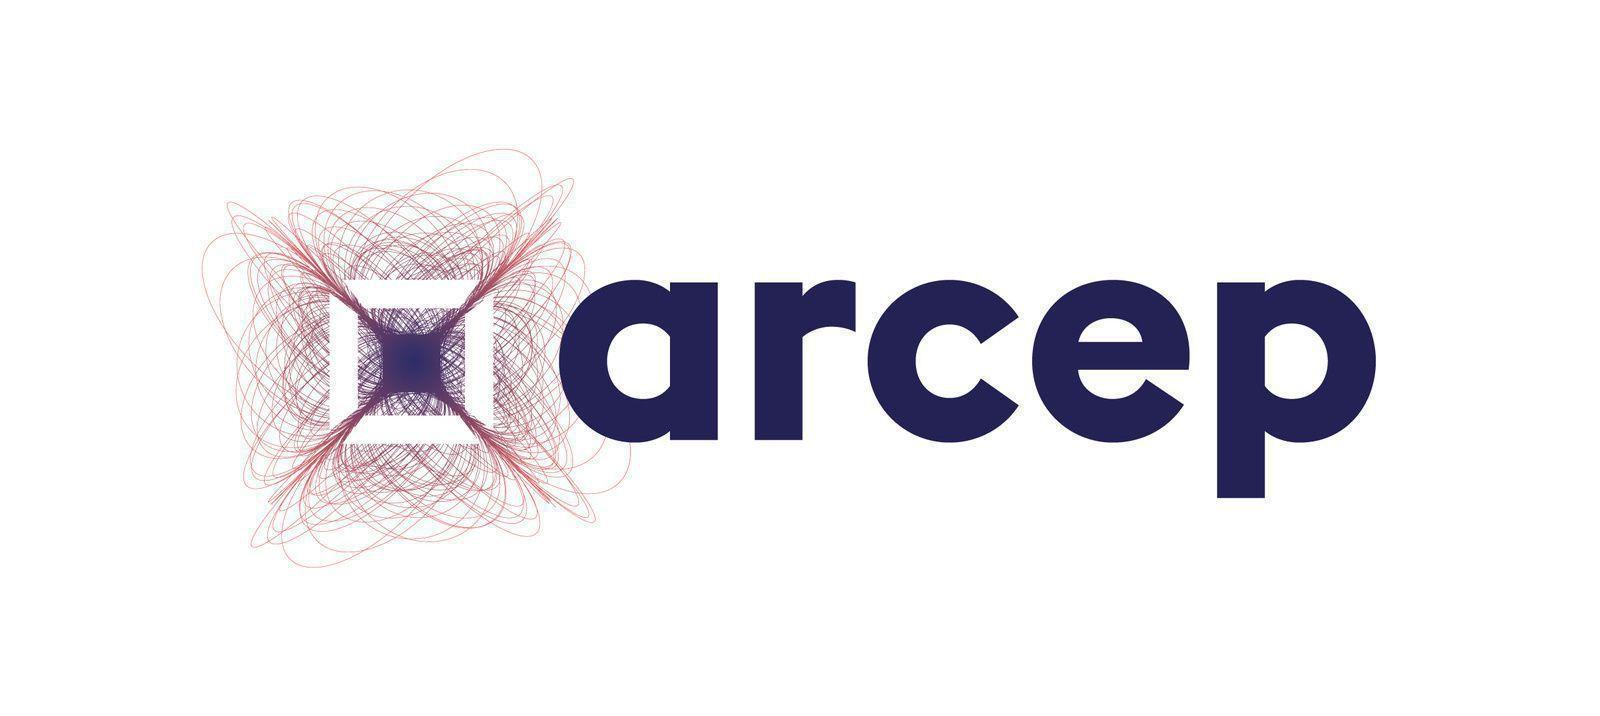 St-Barth : L'ARCEP lance une consultation publique en vue de l'attribution de fréquences dans les bandes 2,1 GHz et 900 MHz !